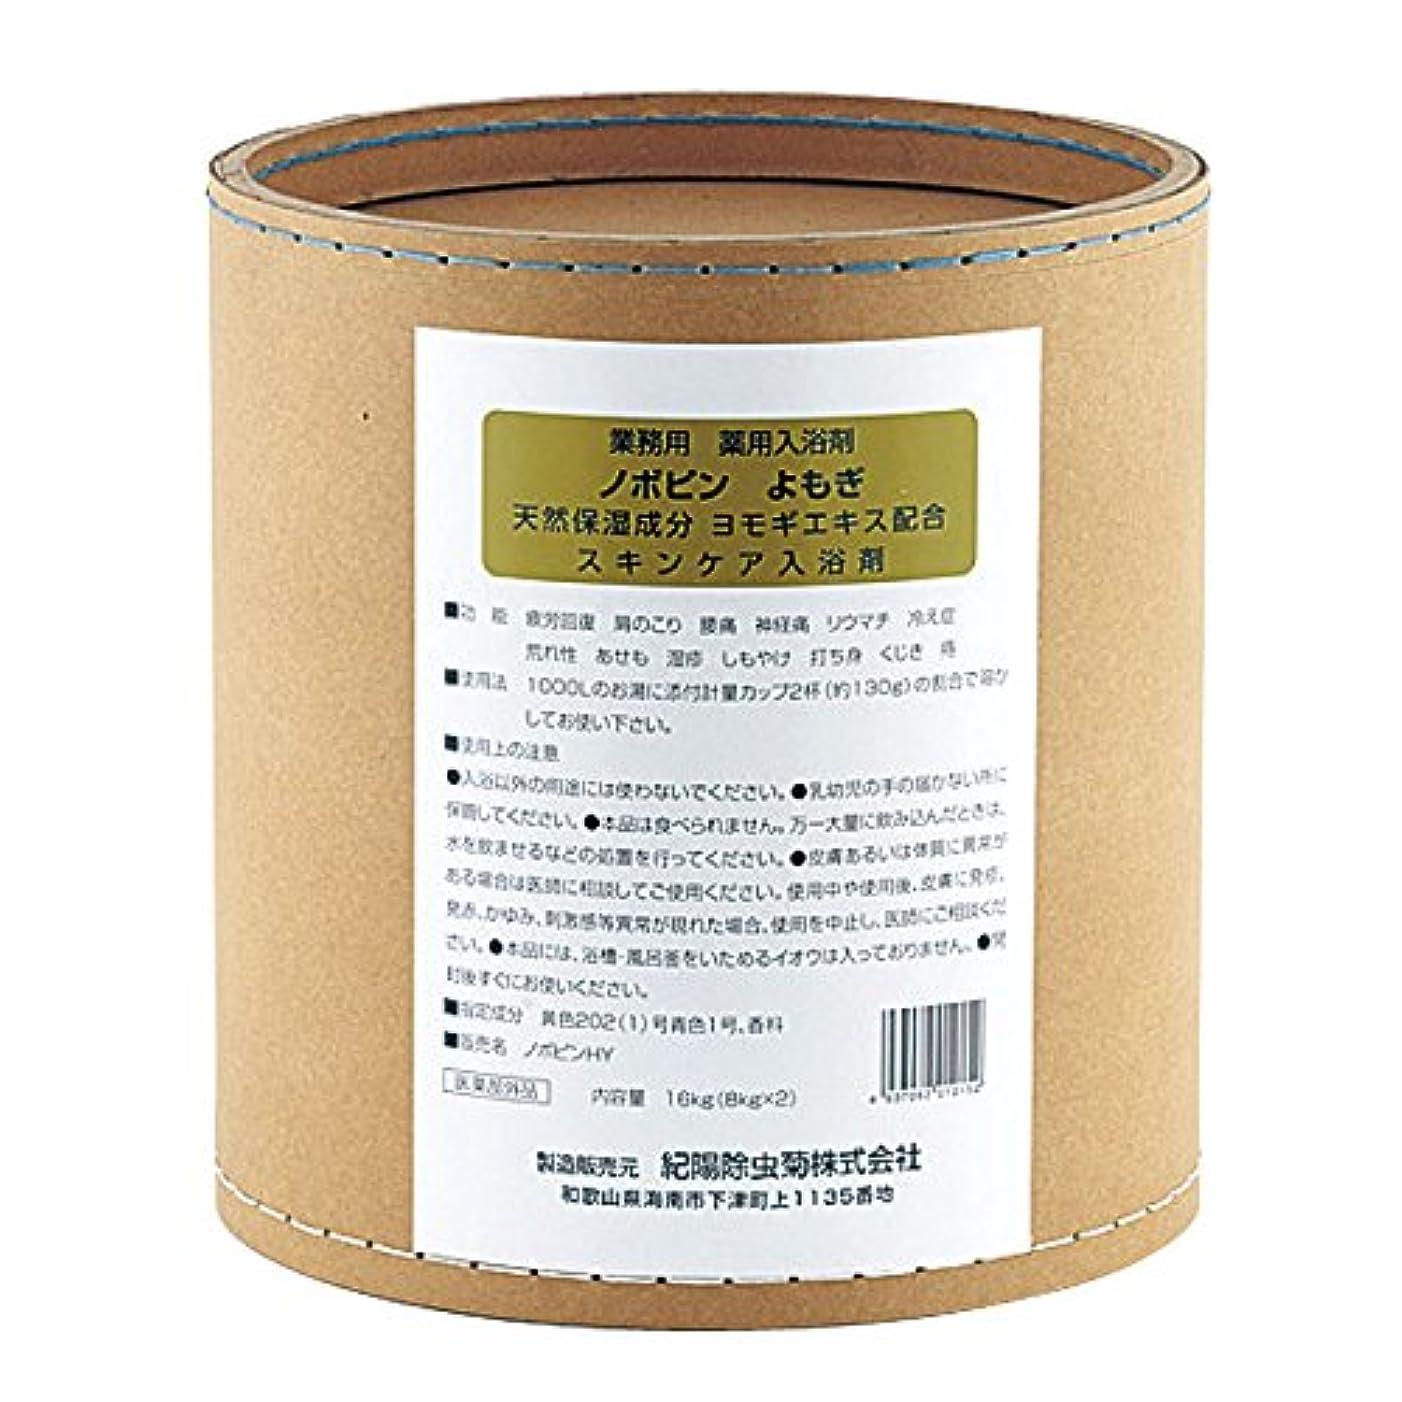 最大化する偶然のはい業務用入浴剤ノボピンよもぎ16kg(8kg*2)